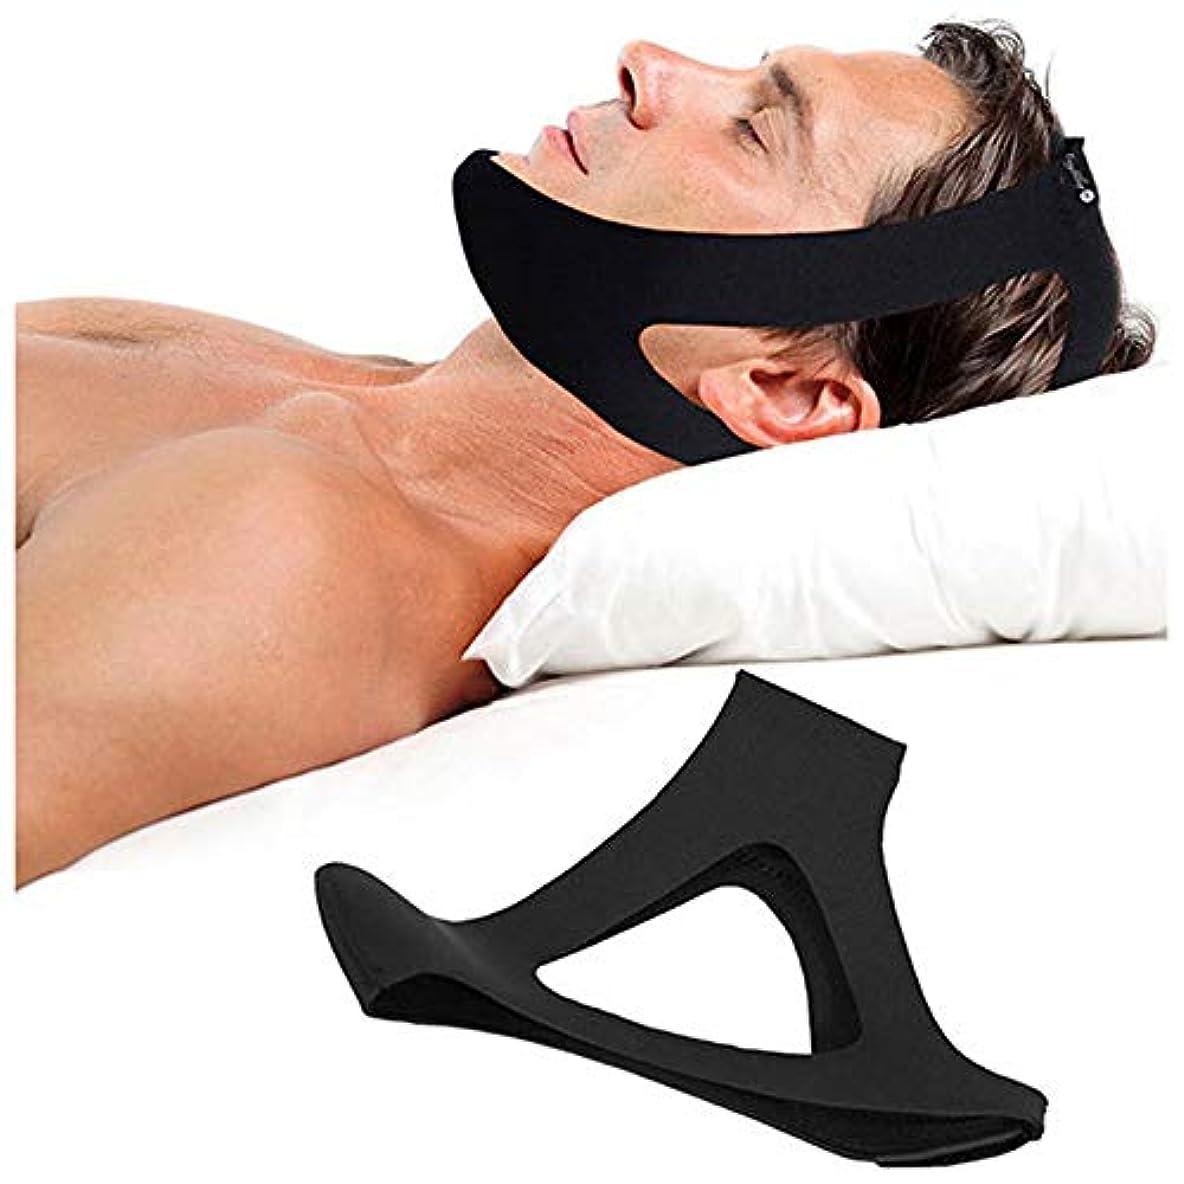 つぶやき圧縮された上記の頭と肩アンチいびきあごストラップ停止いびきいびきベルト睡眠時無呼吸あごサポートストラップ女性男性ナイト睡眠補助ツールフェイスリフトツール,A